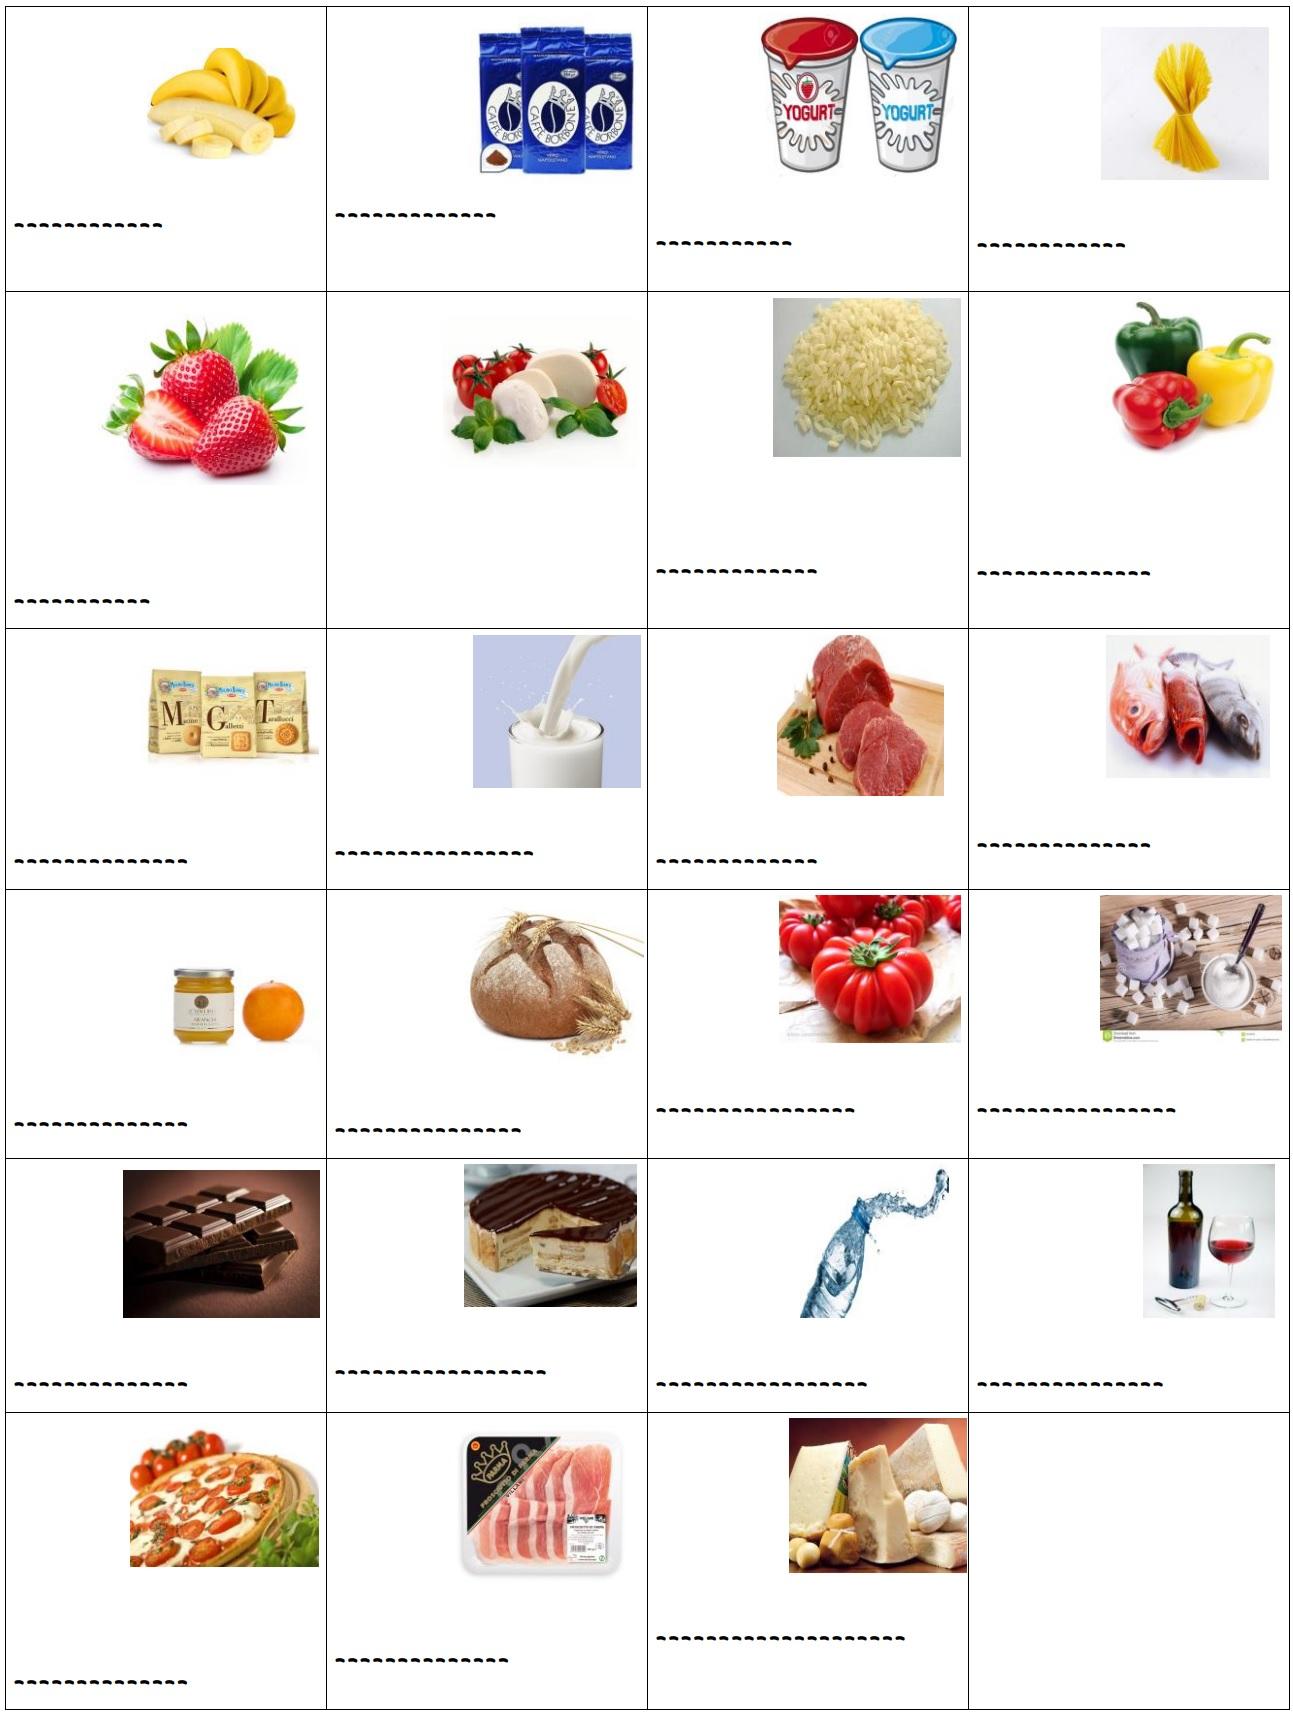 cibo e verbo scegliere